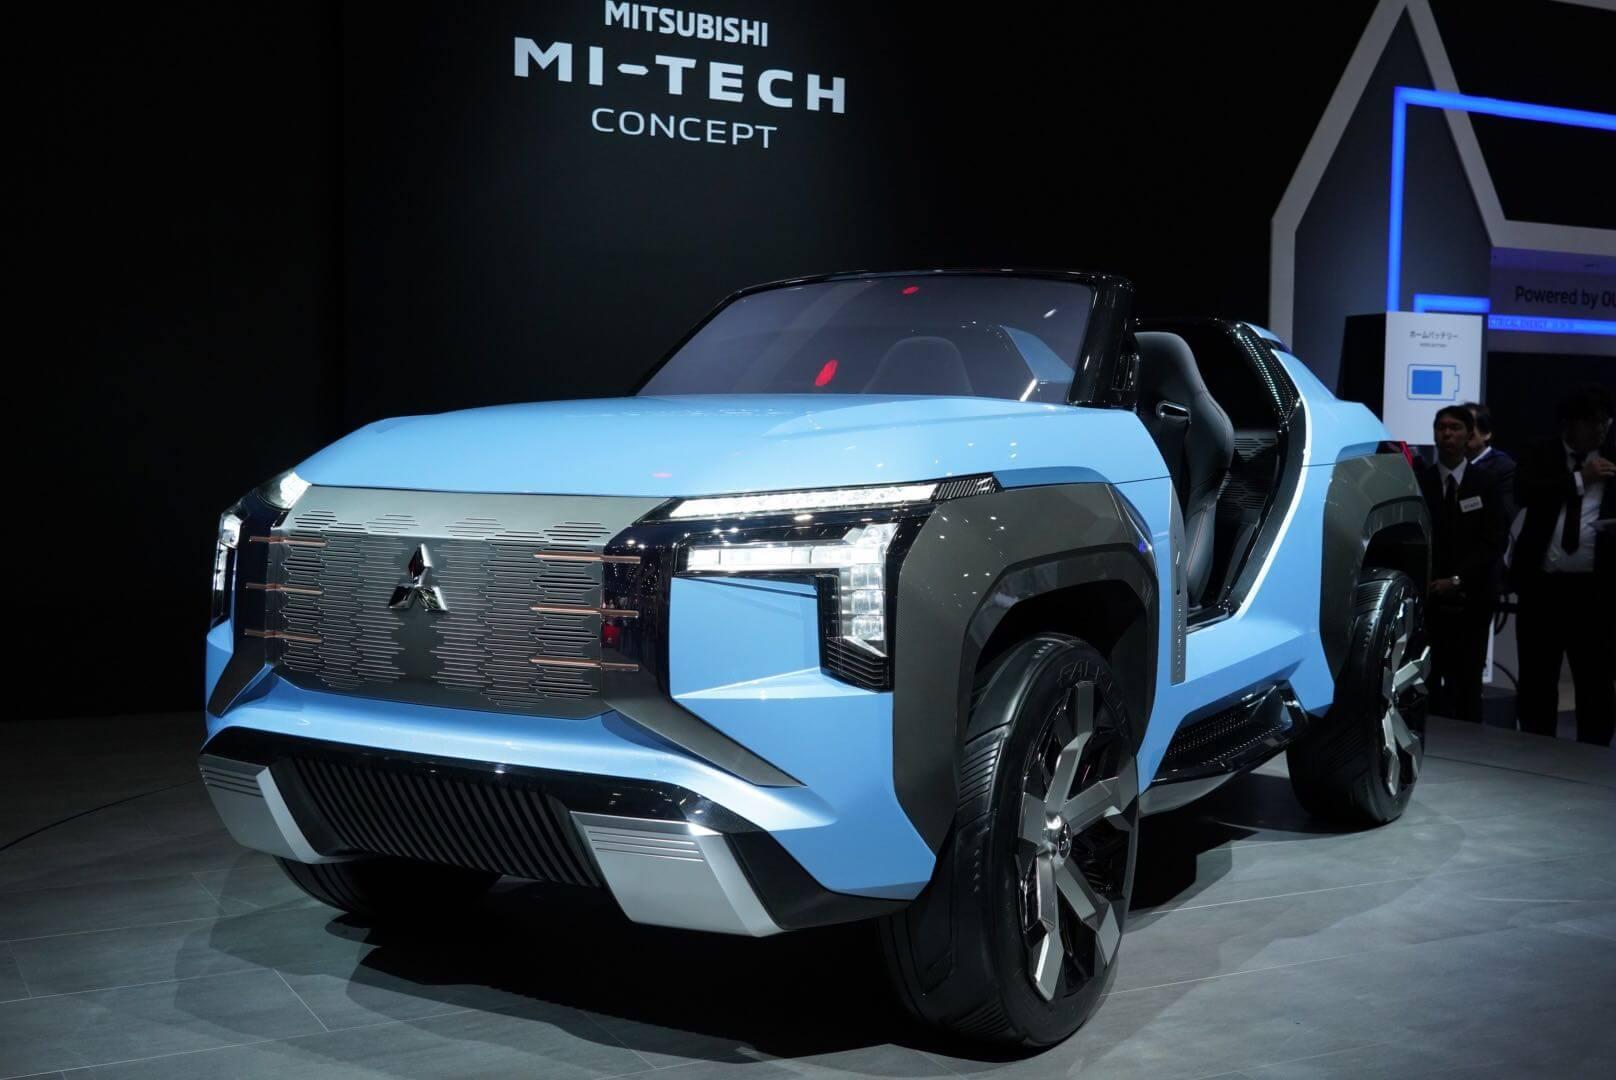 三菱 mi-techコンセプト 東京モーターショー2019